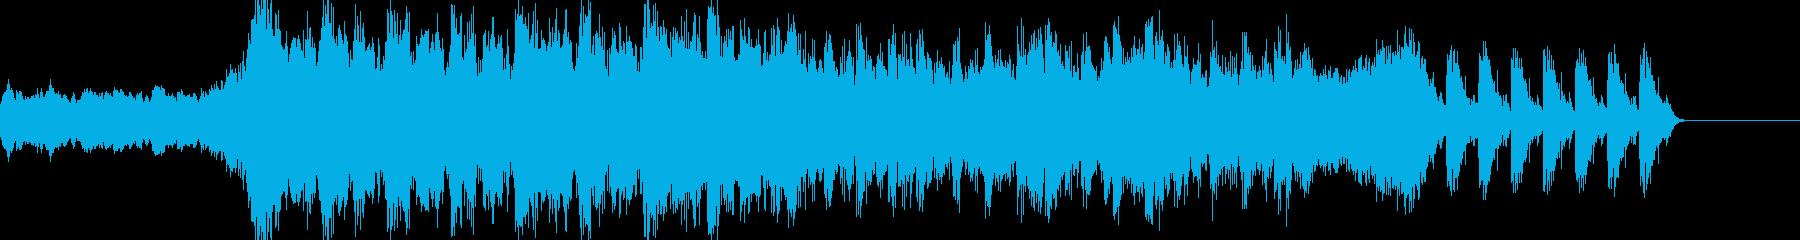 ドラゴンブレイド第9弾目!の再生済みの波形